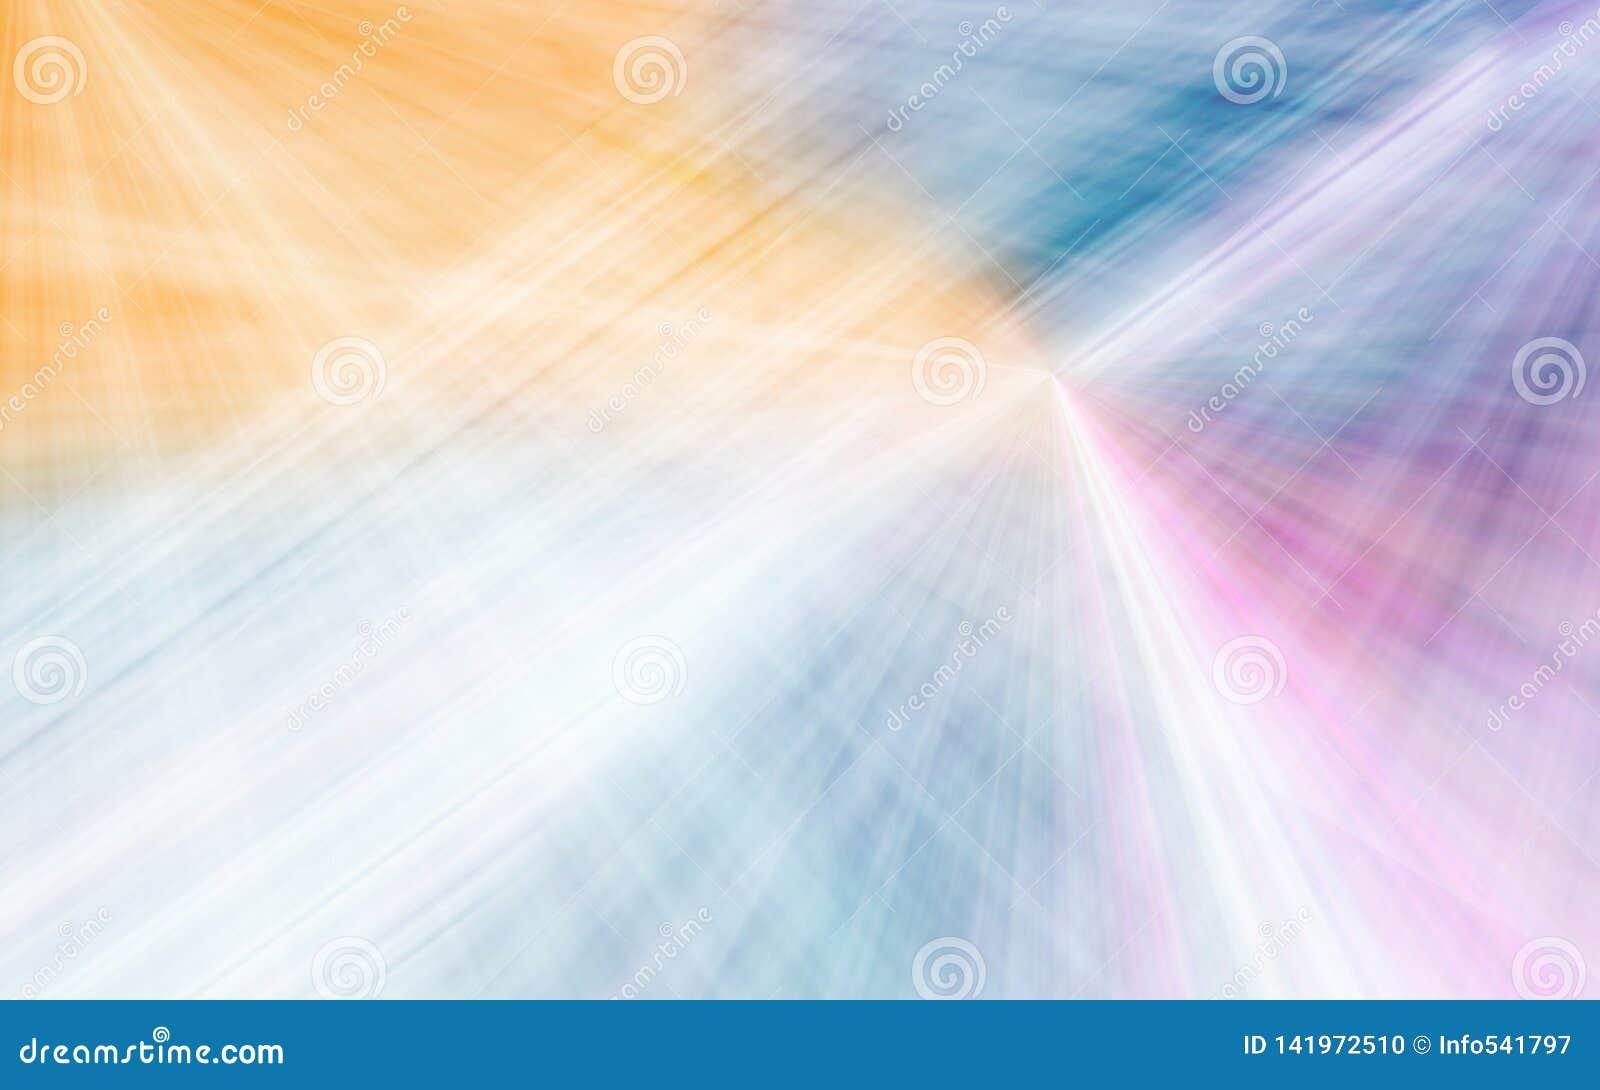 与光线的现代抽象动态背景